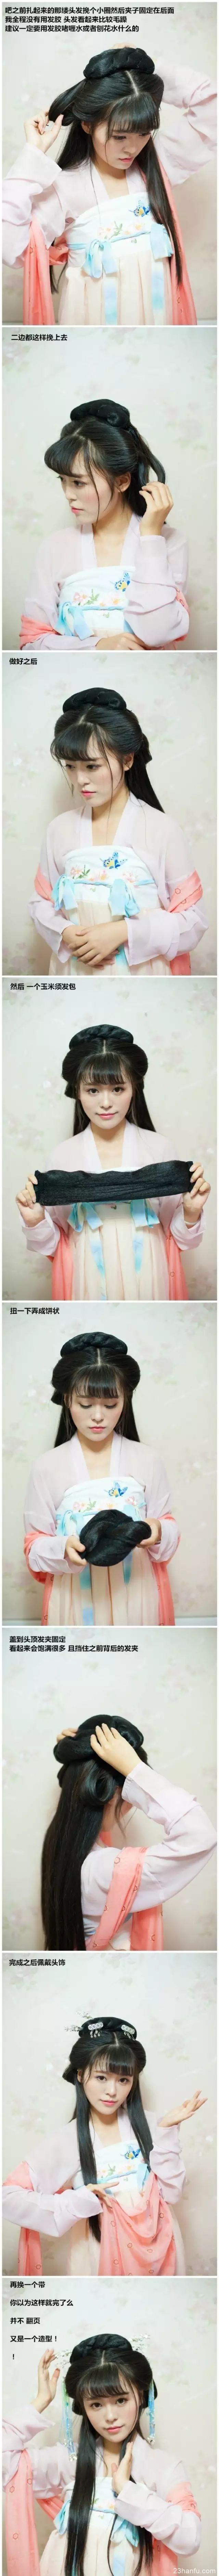 两款汉服发型,襦裙发型,古装盘发,齐刘海可爱温柔古装造型教程